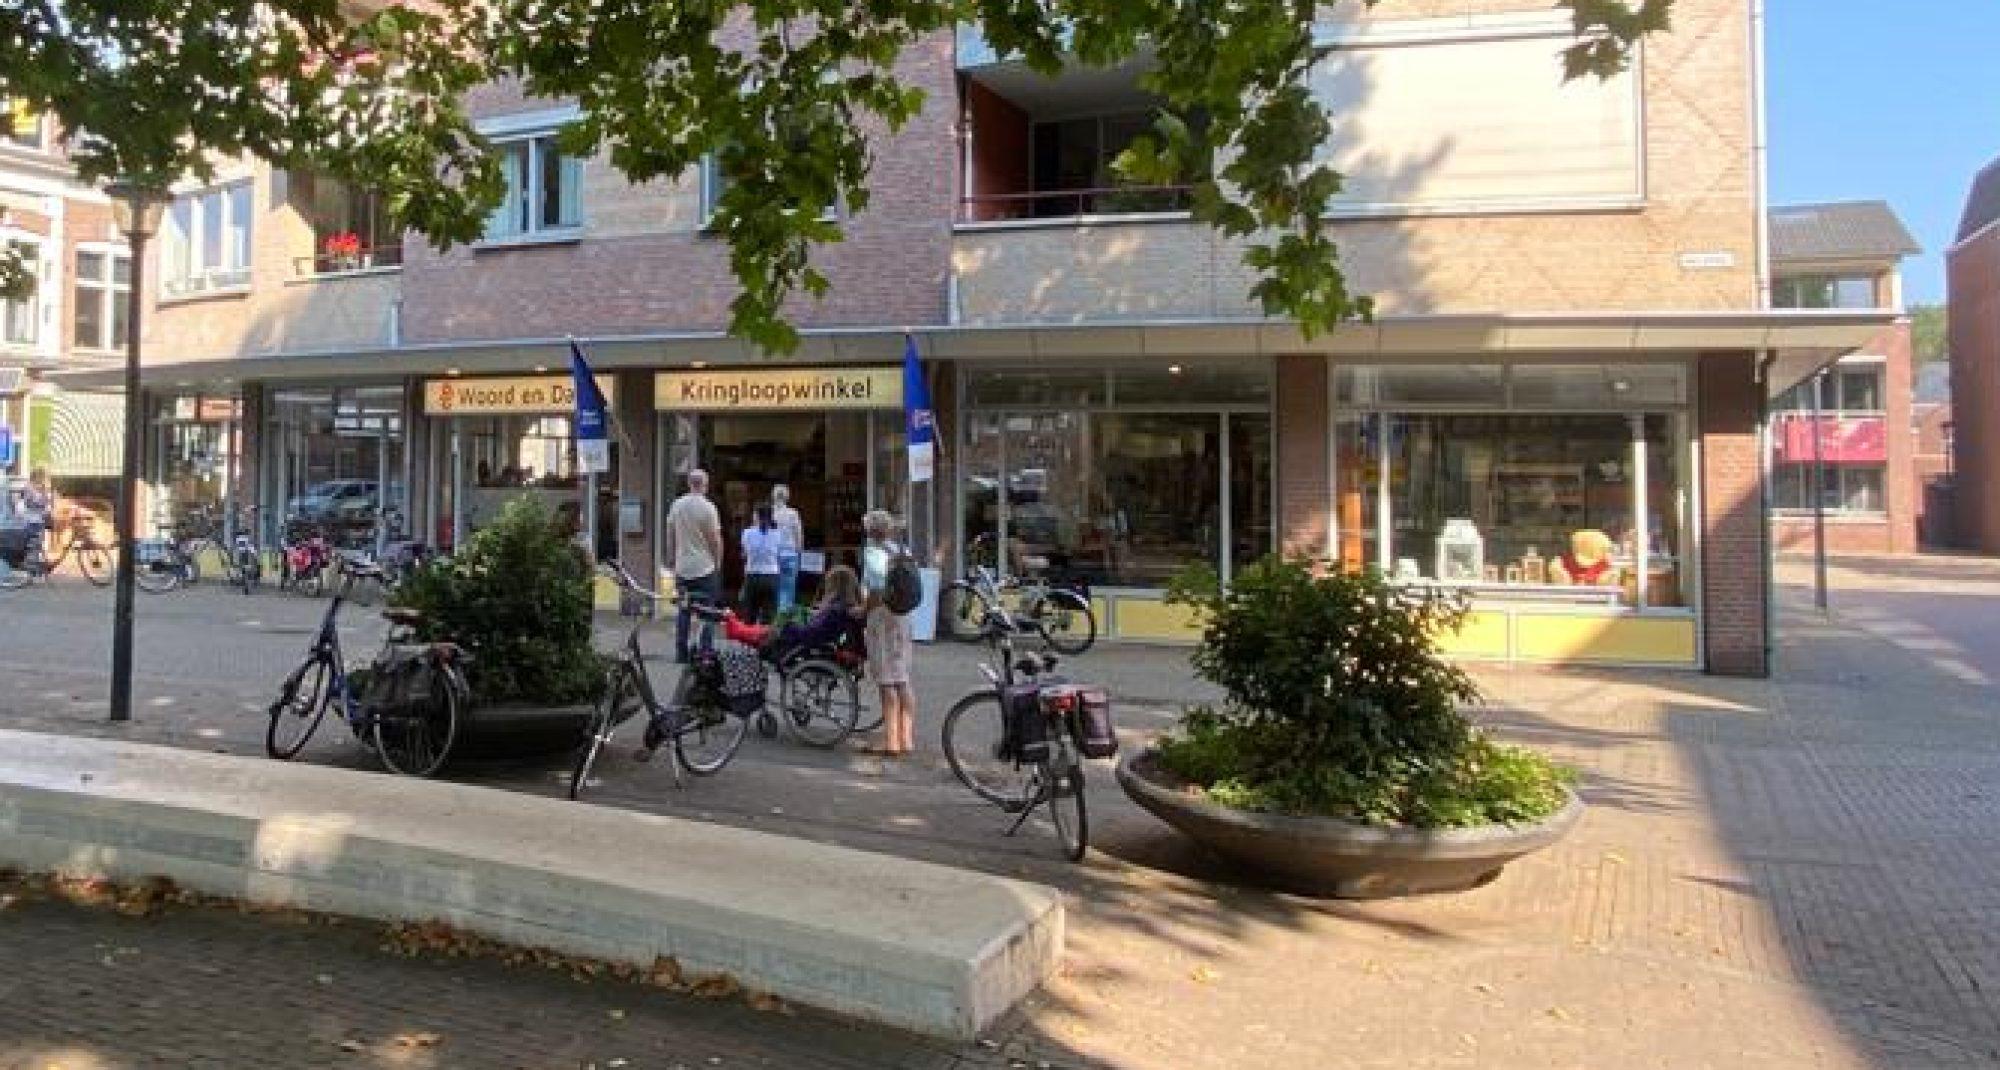 Woord en Daad Kringloopwinkel Gorinchem